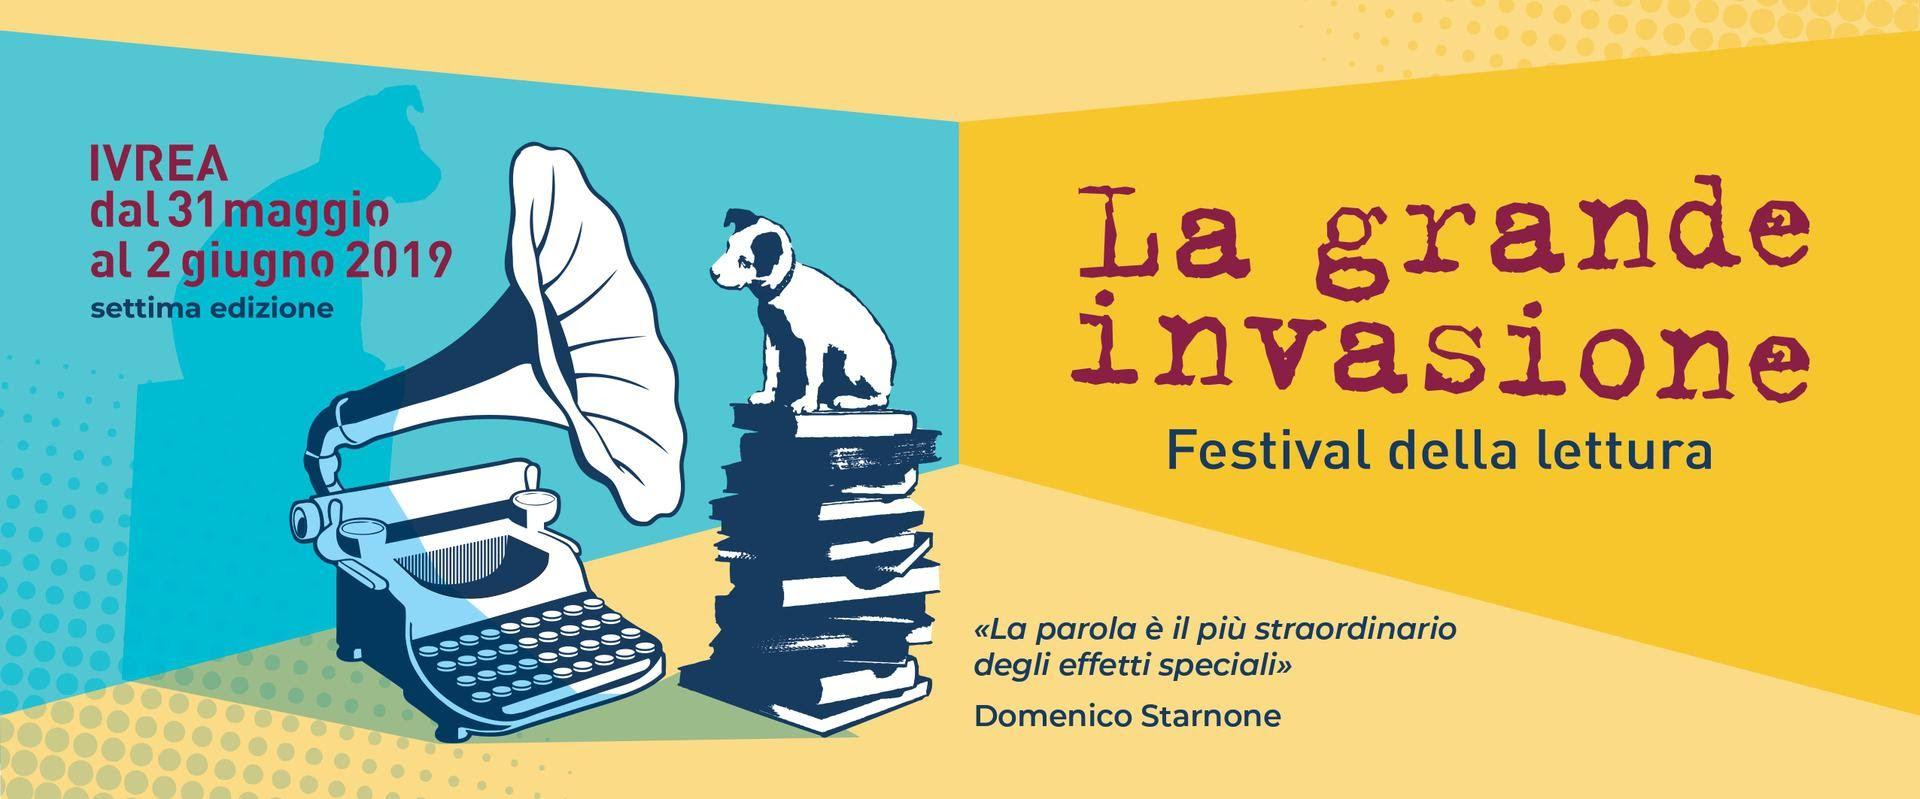 IVREA - Torna «La grande invasione», il festival della lettura dal 31 maggio al 2 giugno